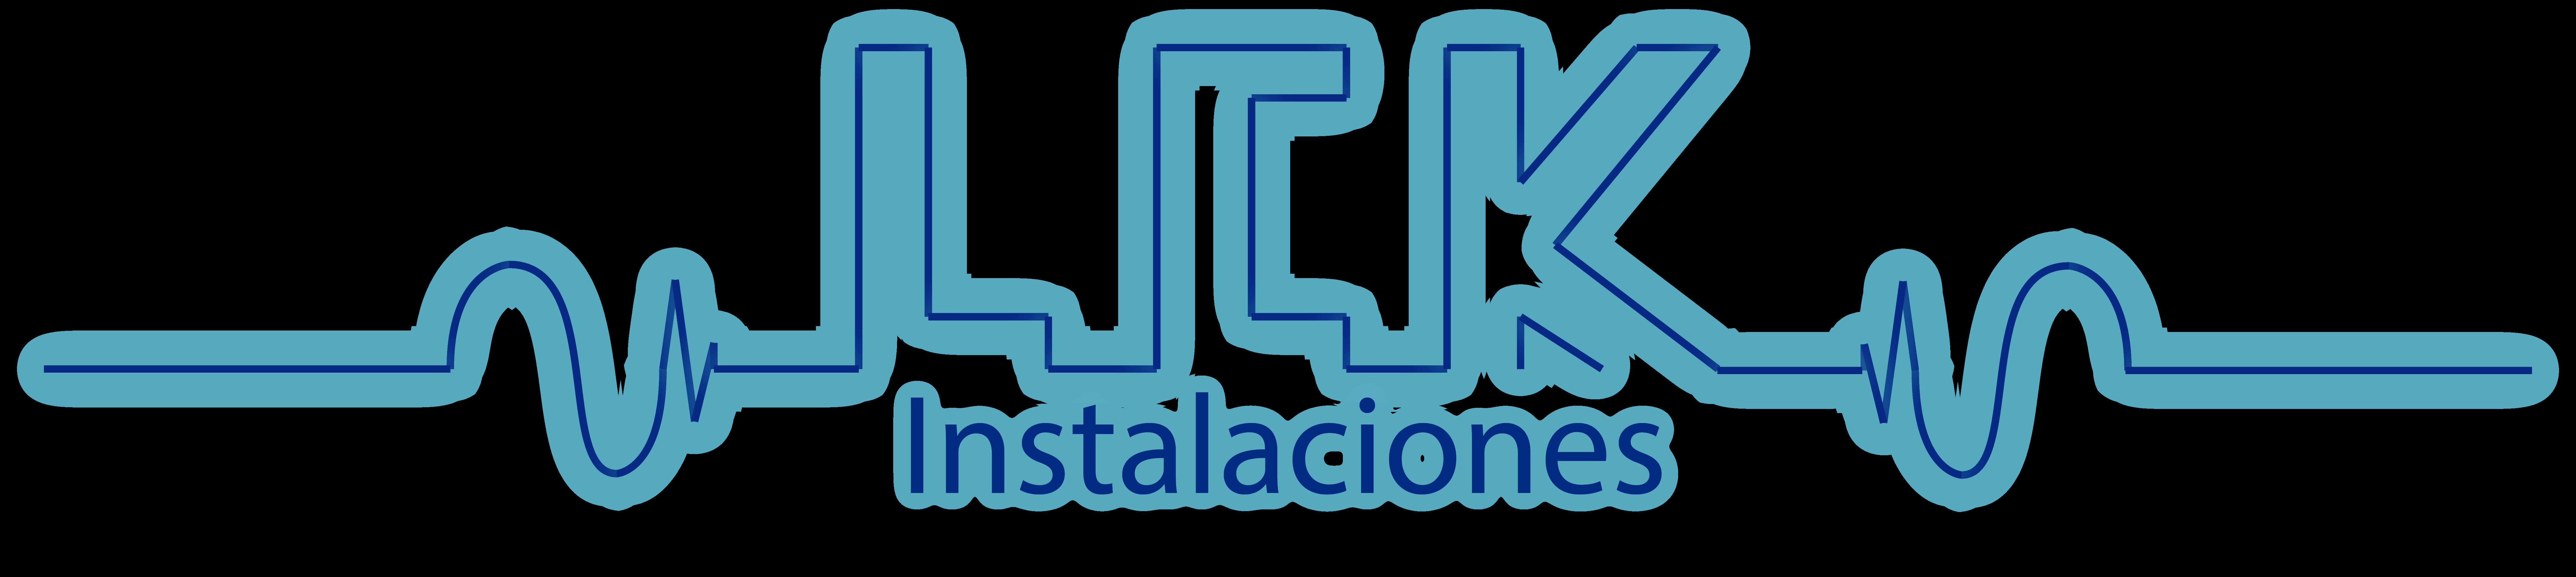 LCK INSTALACIONES